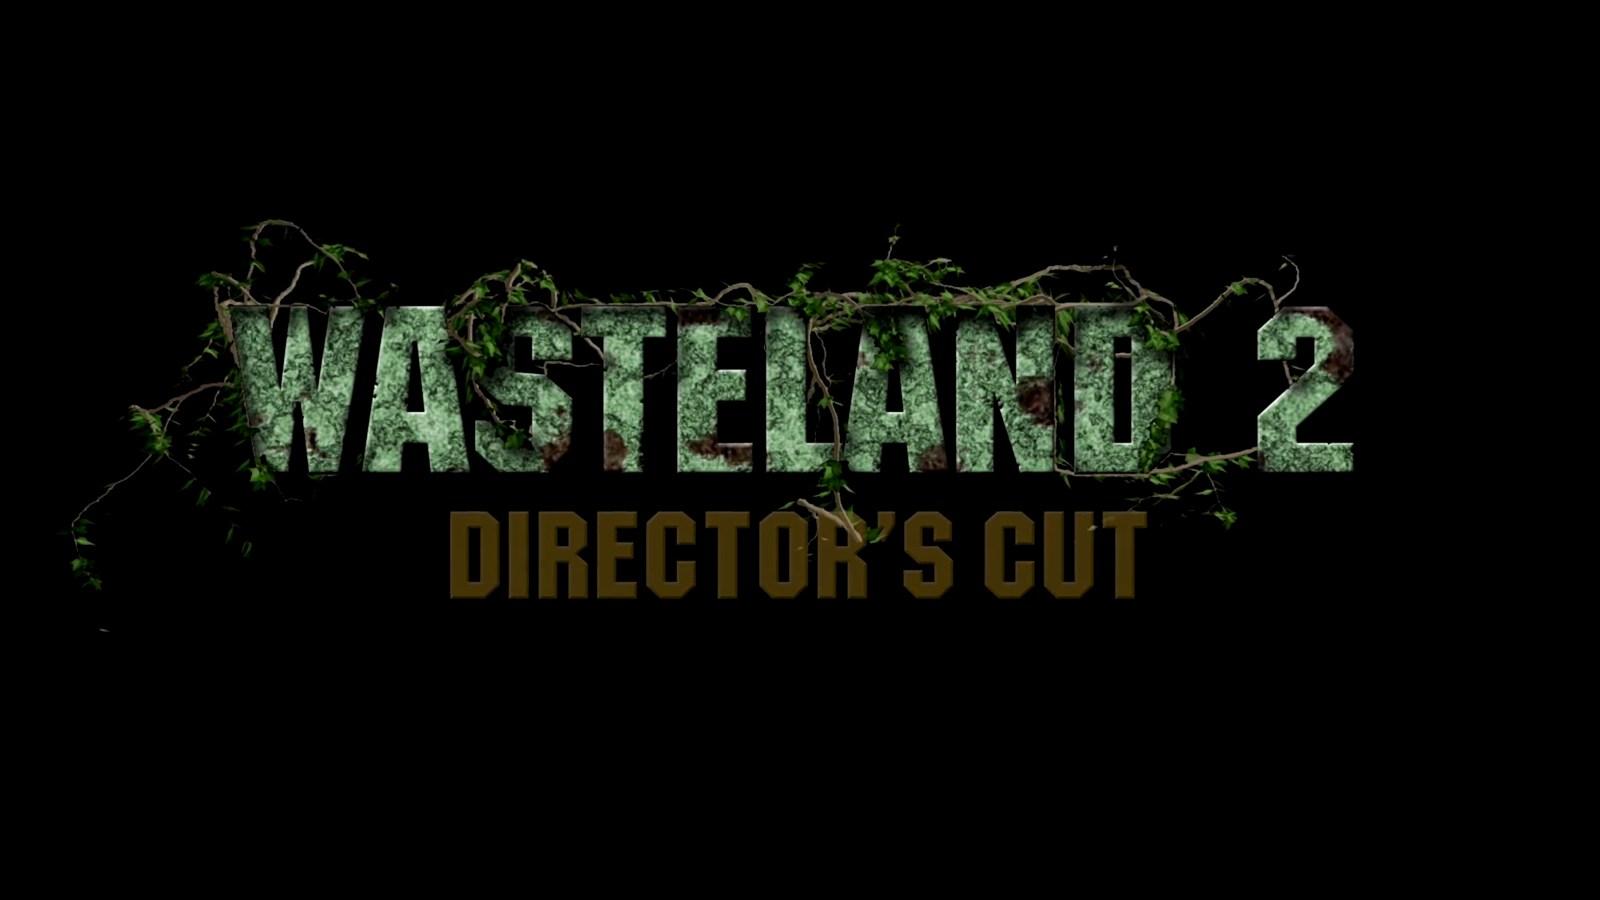 Letras oficiales de Wasteland 2